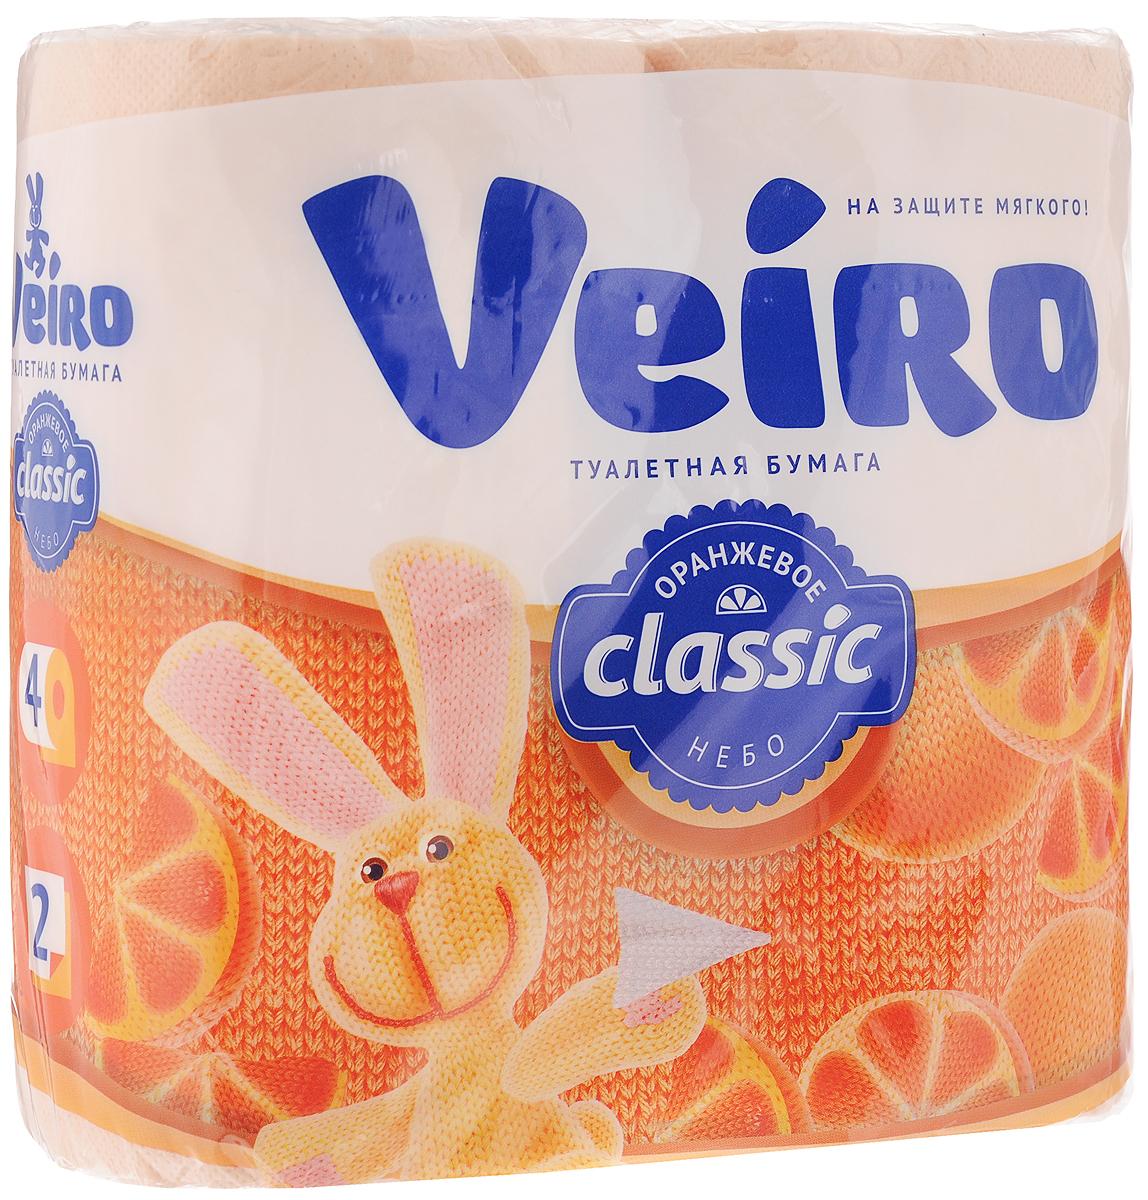 Бумага туалетная Veiro Classic. Цитрус, ароматизированная, двухслойная, 4 рулона5C24жАроматизированная туалетная бумага Veiro Classic. Цитрус, выполнена из облагороженноймакулатуры и обладает приятным ароматом апельсина. Двухслойная туалетная бумага мягкая,нежная, но в тоже время прочная, с отрывом по линии перфорации. Листы имеют рисунок стиснением. Длина рулона: 17,5 м.Количество слоев: 2. Размер листа: 12,5 х 9,5 см.Состав: 100% облагороженная макулатура.